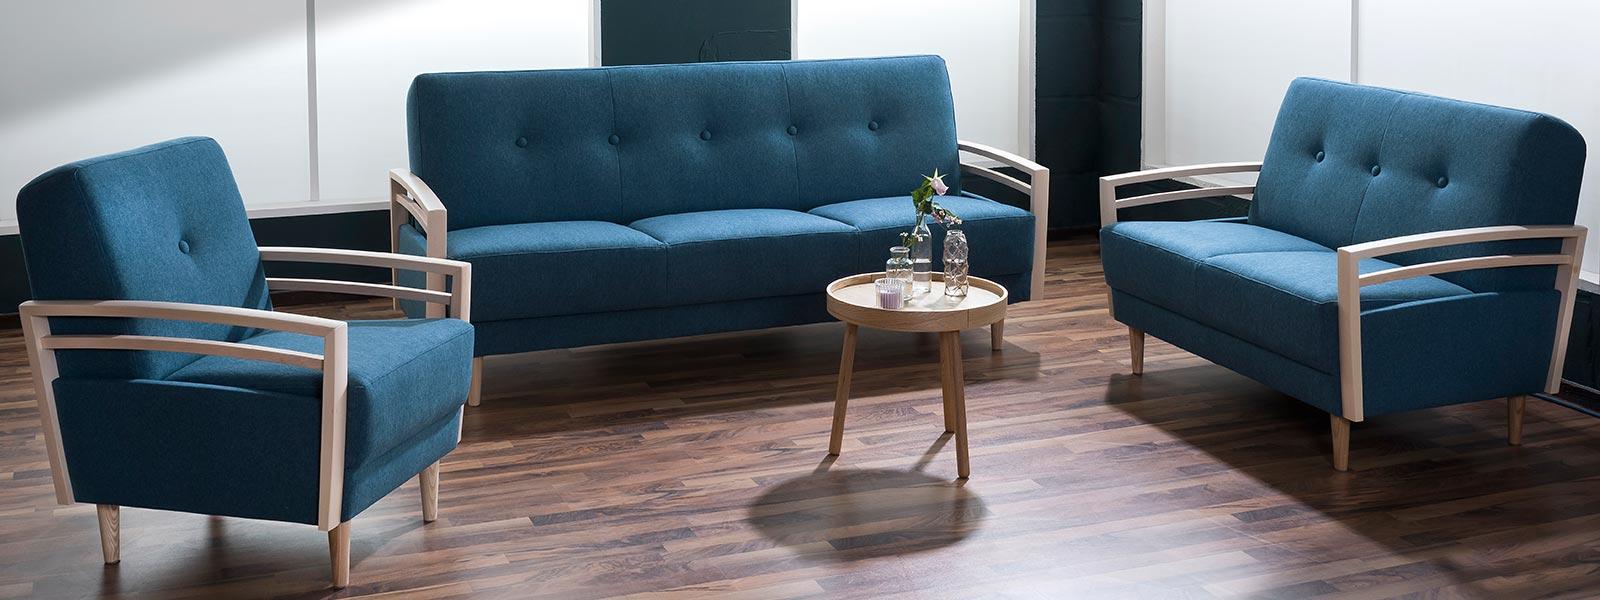 funktionssofas und garnituren joost von max winzer polsterm bel. Black Bedroom Furniture Sets. Home Design Ideas